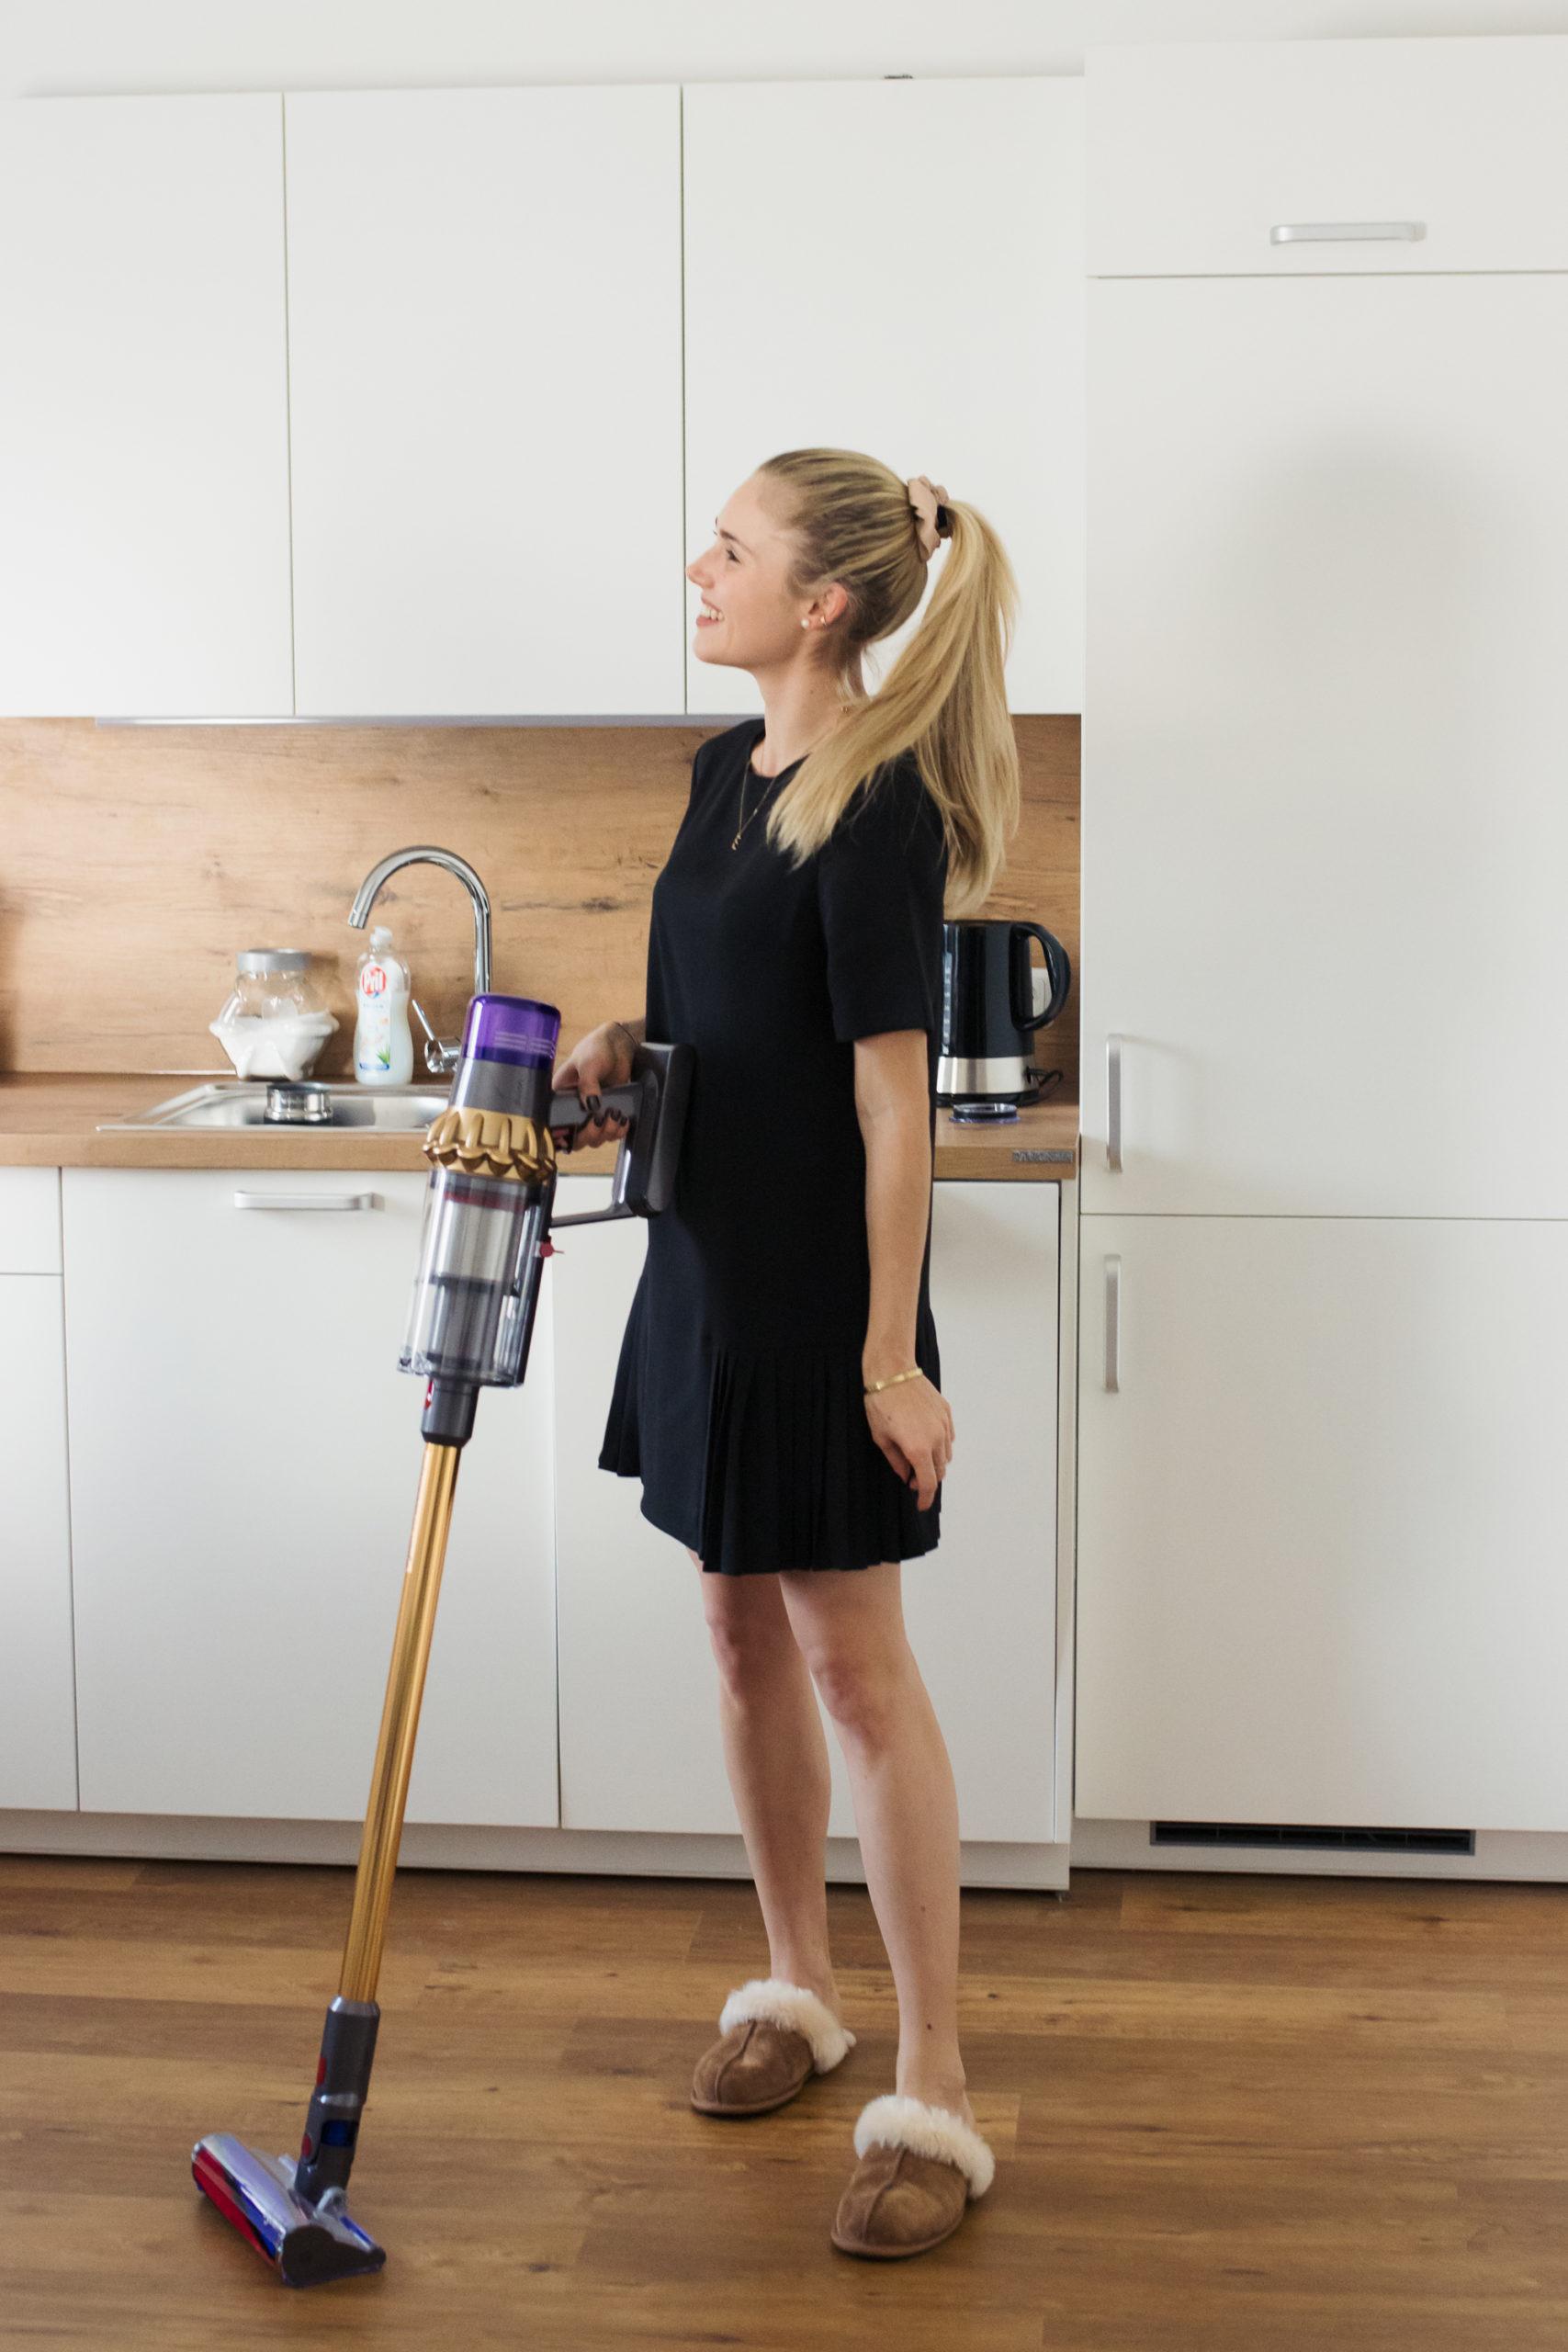 Dyson V11, Cozy Home: meine Haushalts-Tipps auf dem österreichischen Lifestyle Blog Bits and Bobs by Eva. Mehr auf www.bitsandbobsbyeva.com